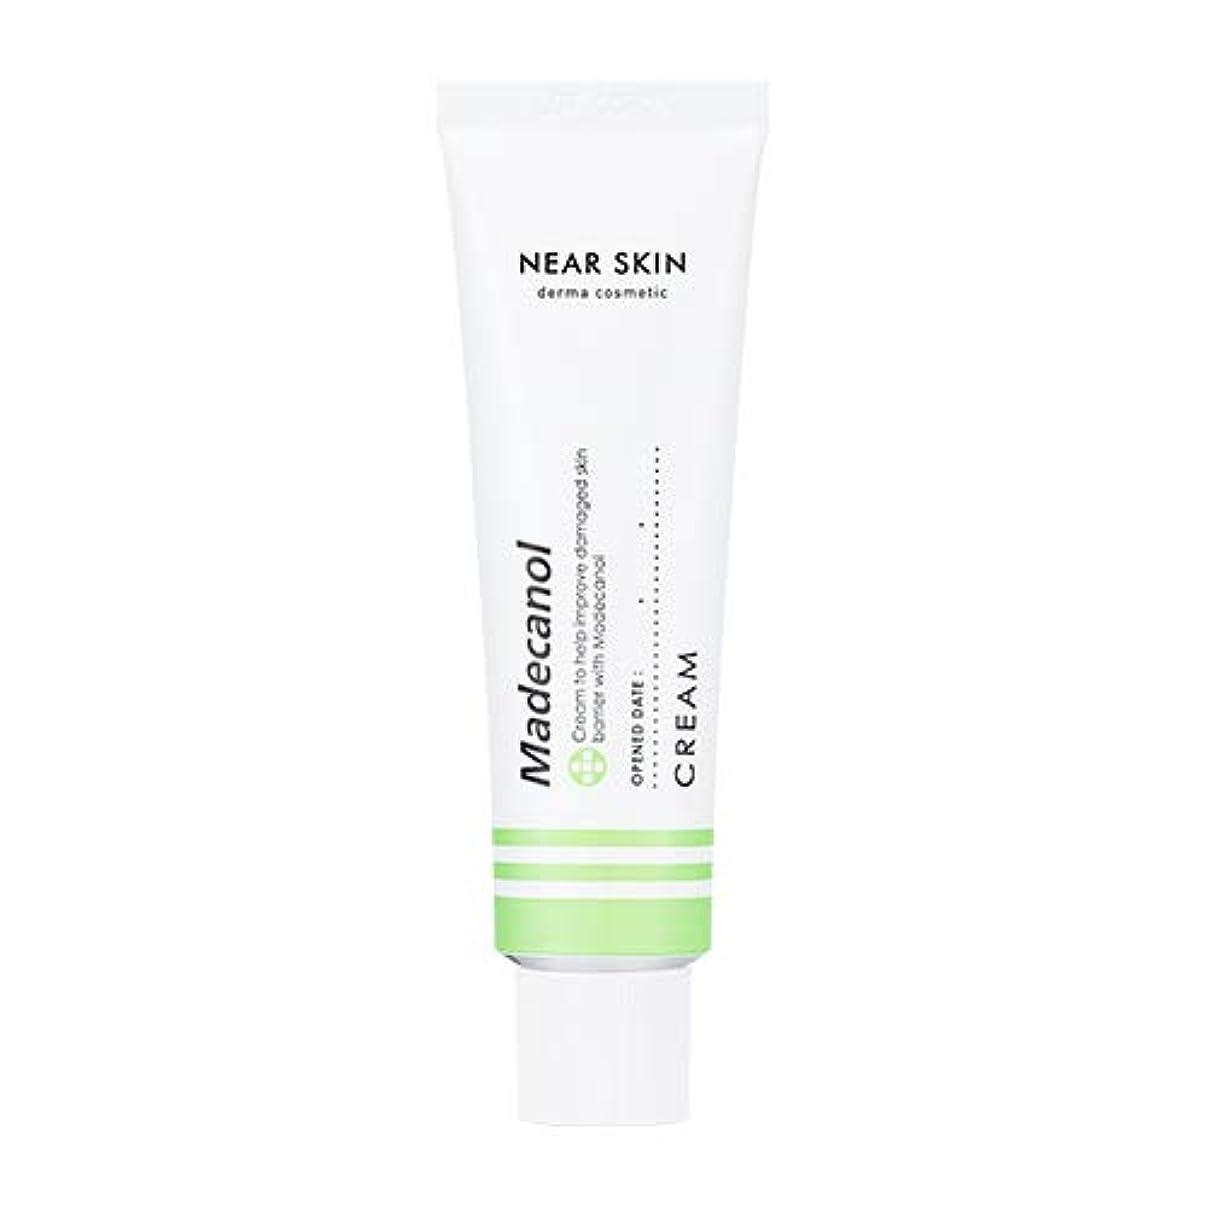 経験帝国主義有料ミシャ ニアスキンマデカノールクリーム/MISSHA NEAR SKIN Madecanol Cream 50ml [並行輸入品]